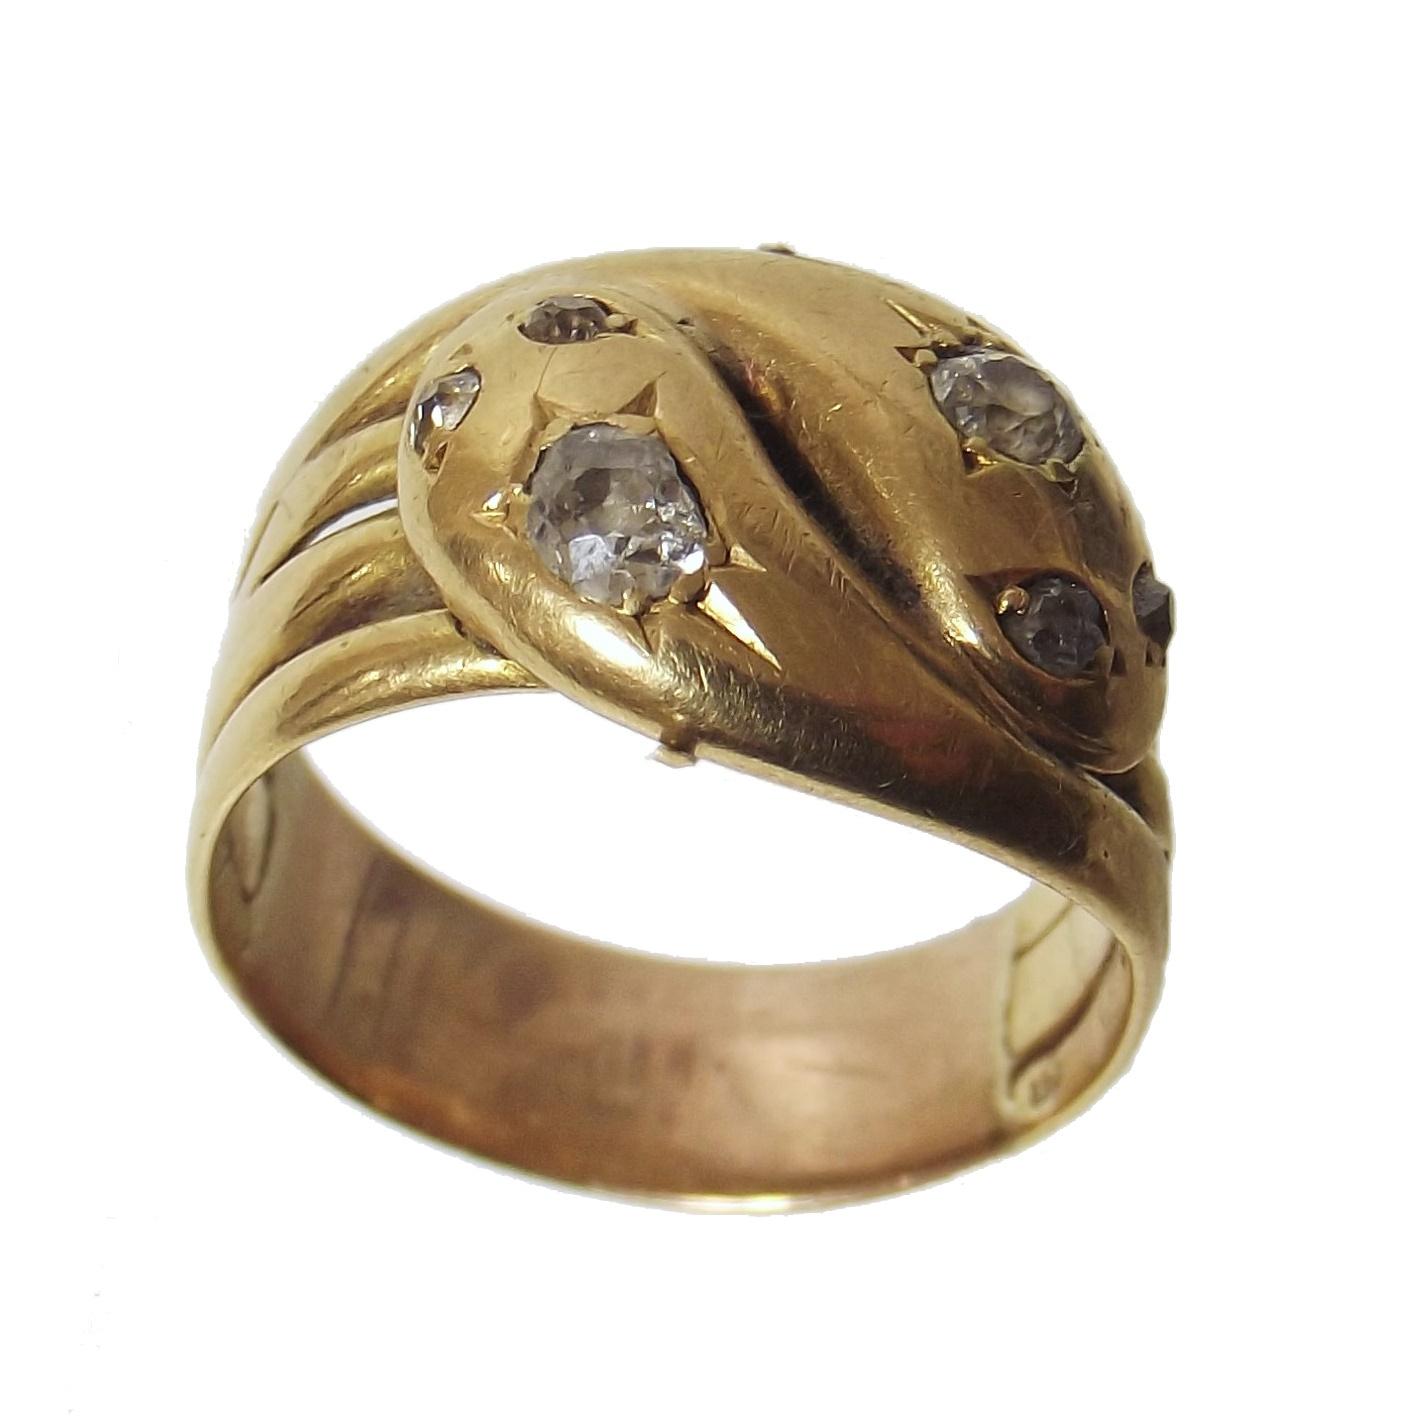 Ouroboros Jewellery Example 2